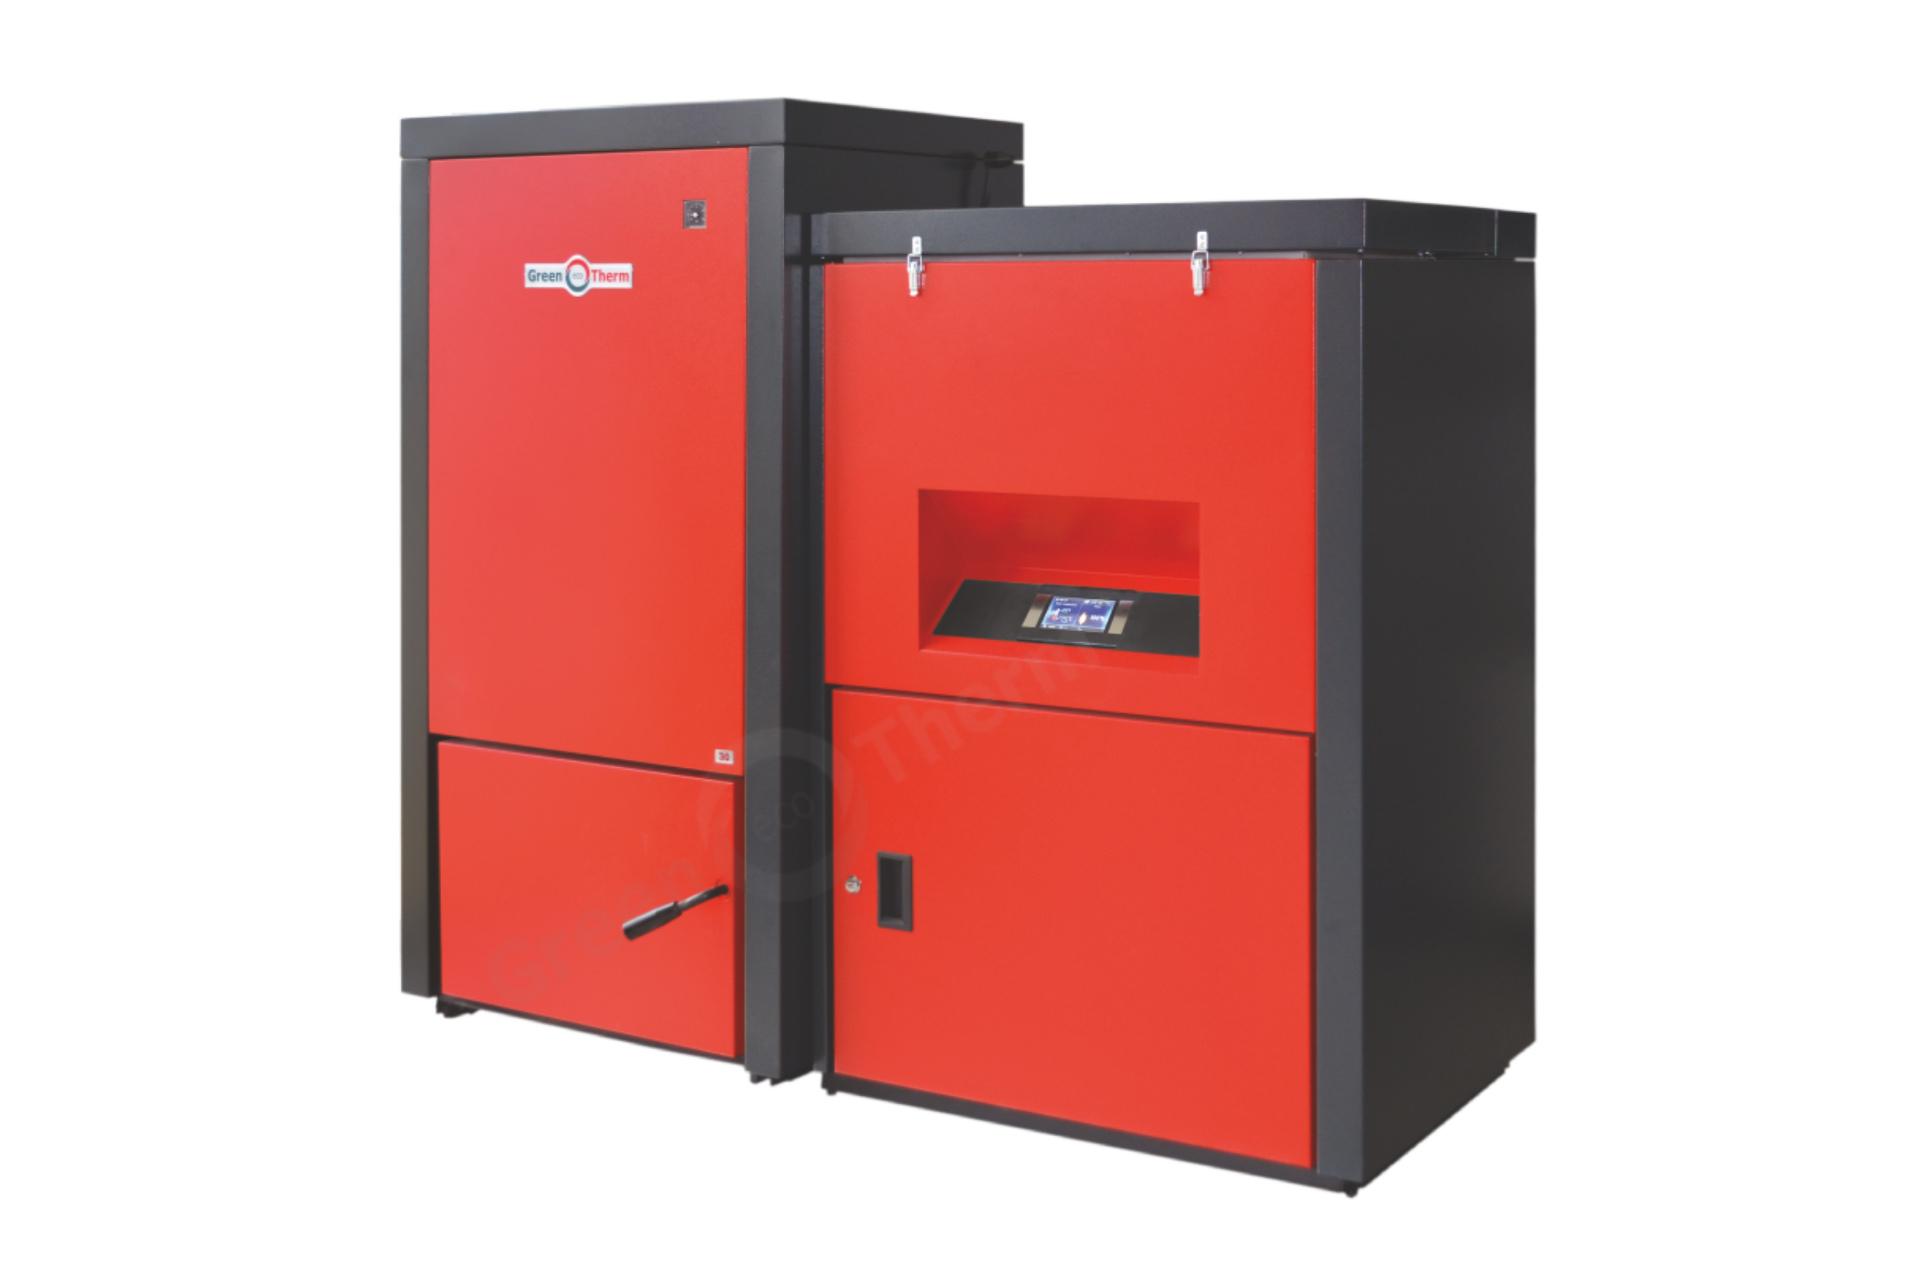 Автоматизираните пелетни котли Pelletherm V.2 са предназначени за отопление на битови и фирмени обекти, както и за подгряване на битова гореща вода през летния сезон. Основното предимство и уникалност на този продукт е възможността да изгаря пелети с диаметър от Ø 6 mm до Ø 14 mm с различно качество, както и плодови костилки. Характеризират се с изключително висока ефективност и надеждност.